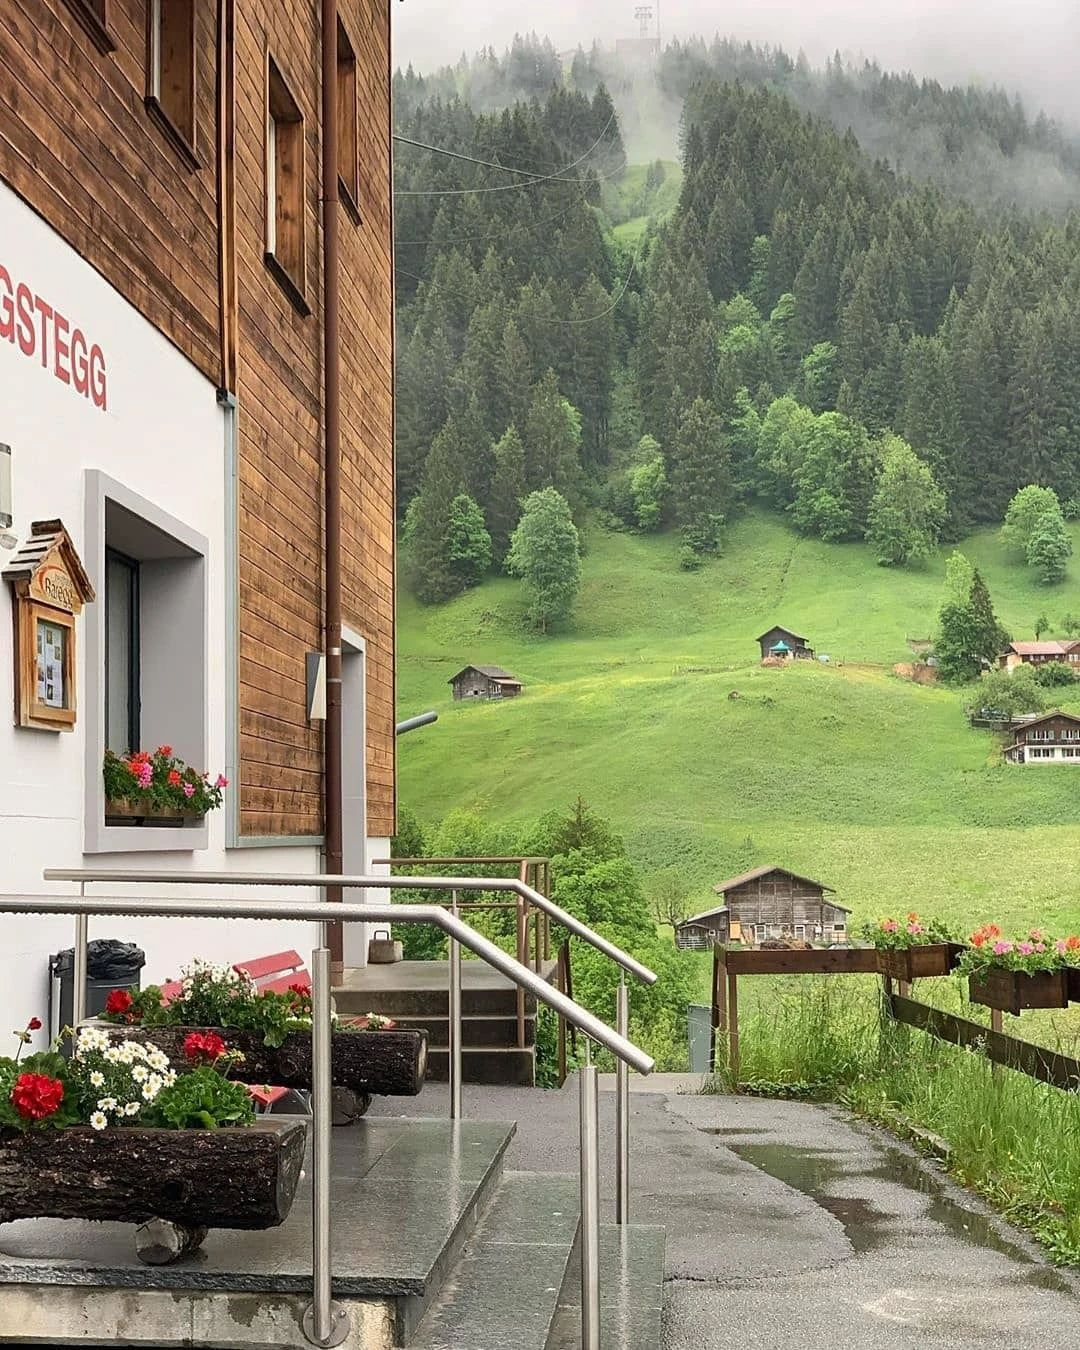 388f8fc0147f45d4afee75290071eea6?from=pc - 瑞士:一个童话般的国家